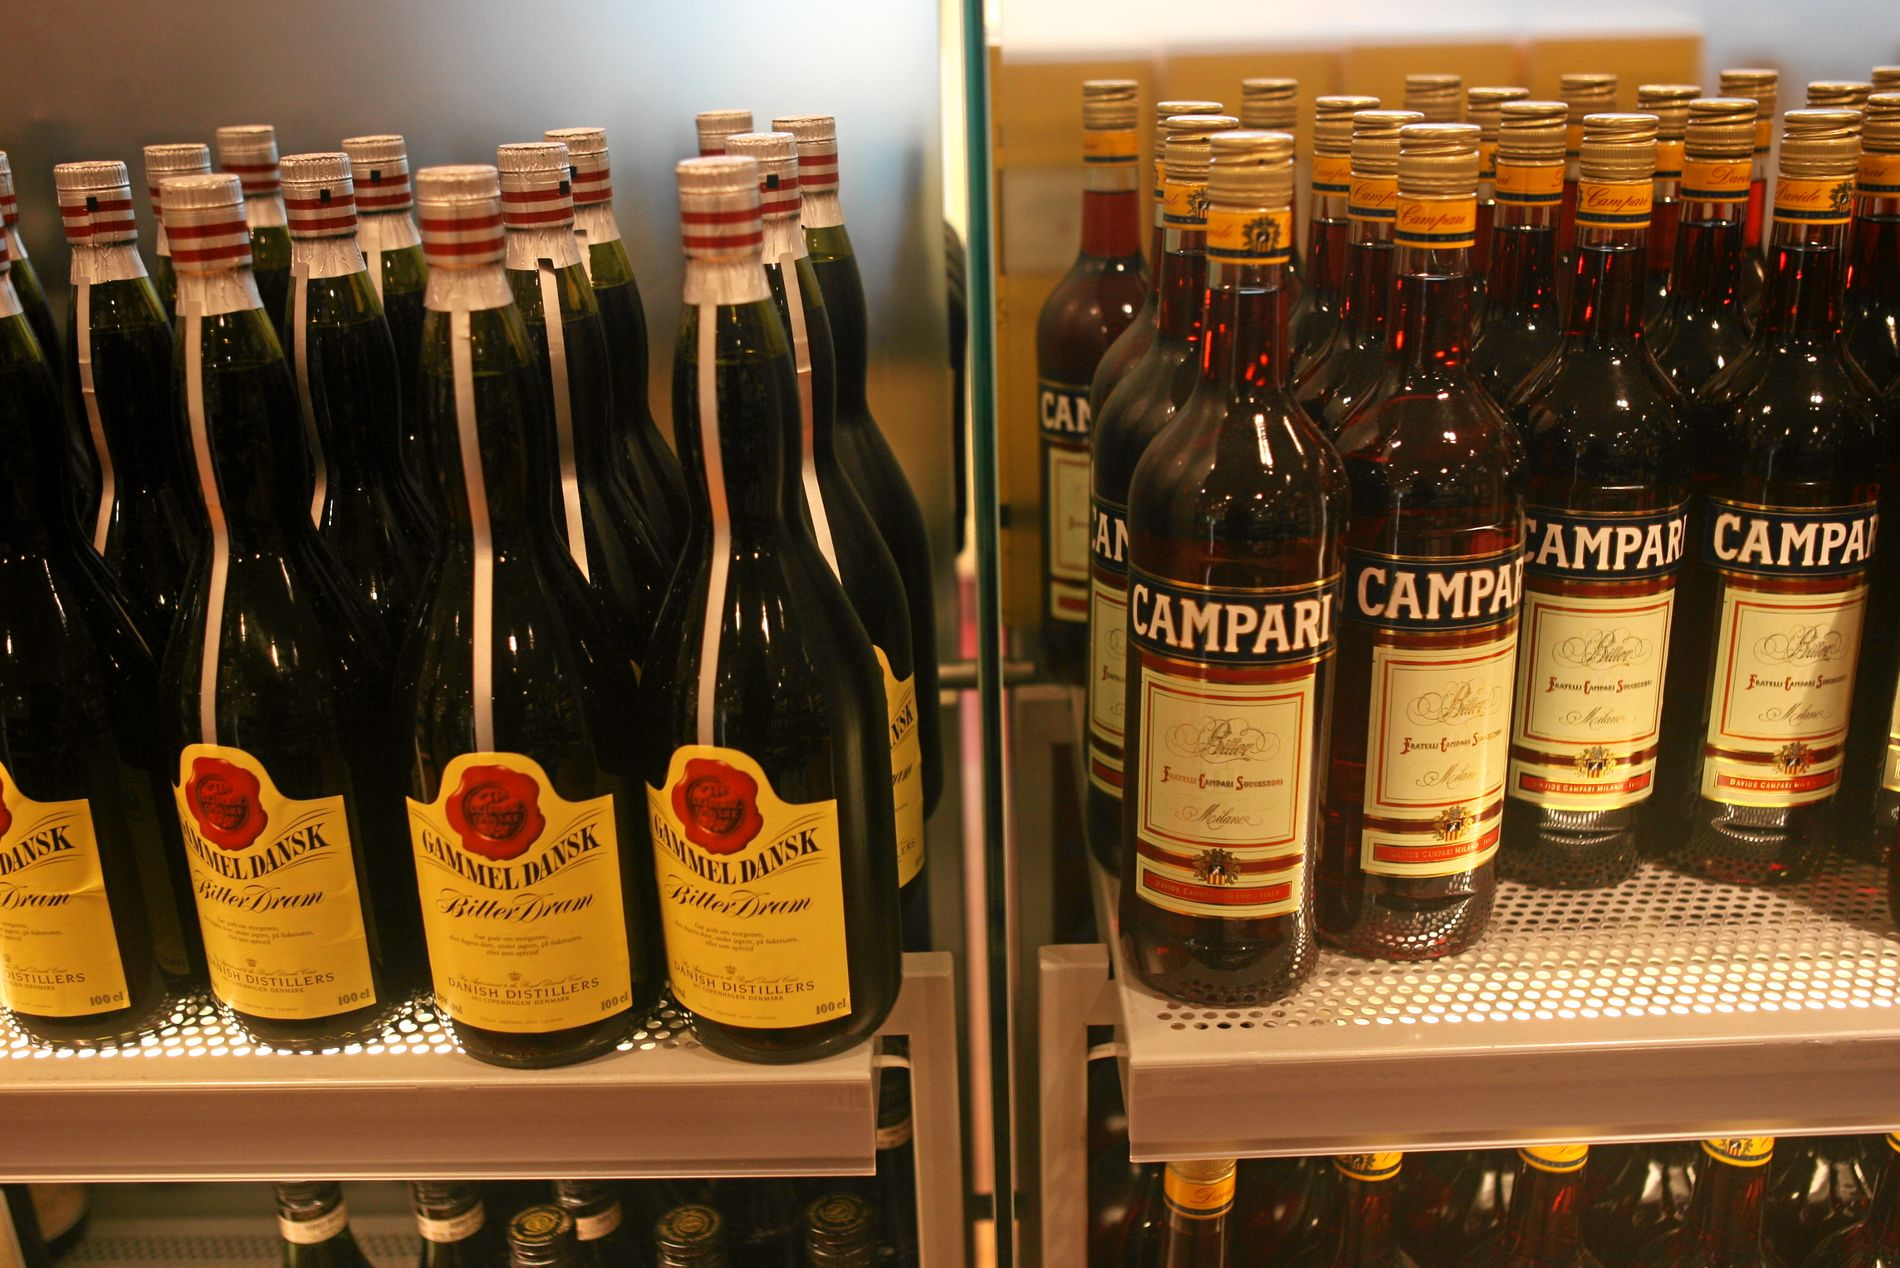 PINNE FOR LANDET: Gammal Dansk eller Campari – valet er ditt. Staten spanderer uansett alkoholavgifta.